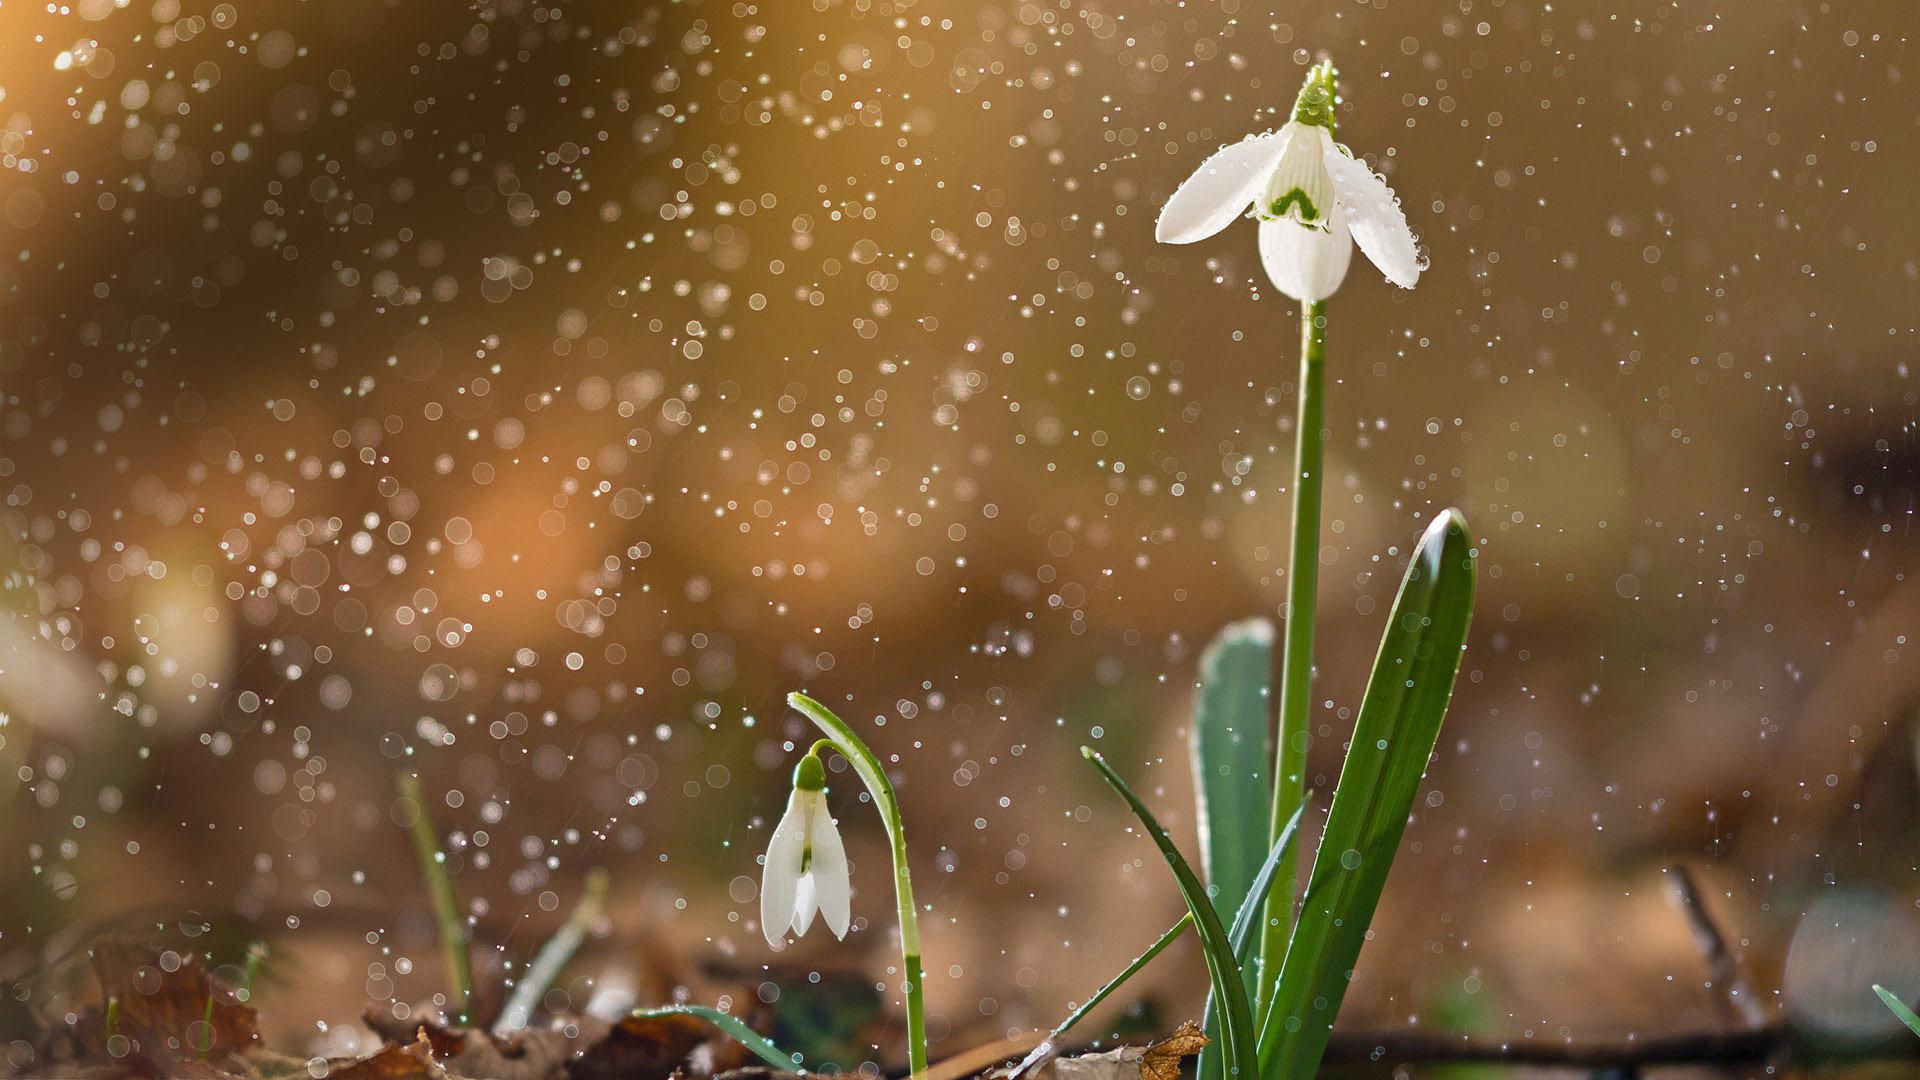 一朵盛开的雪花莲雪花莲